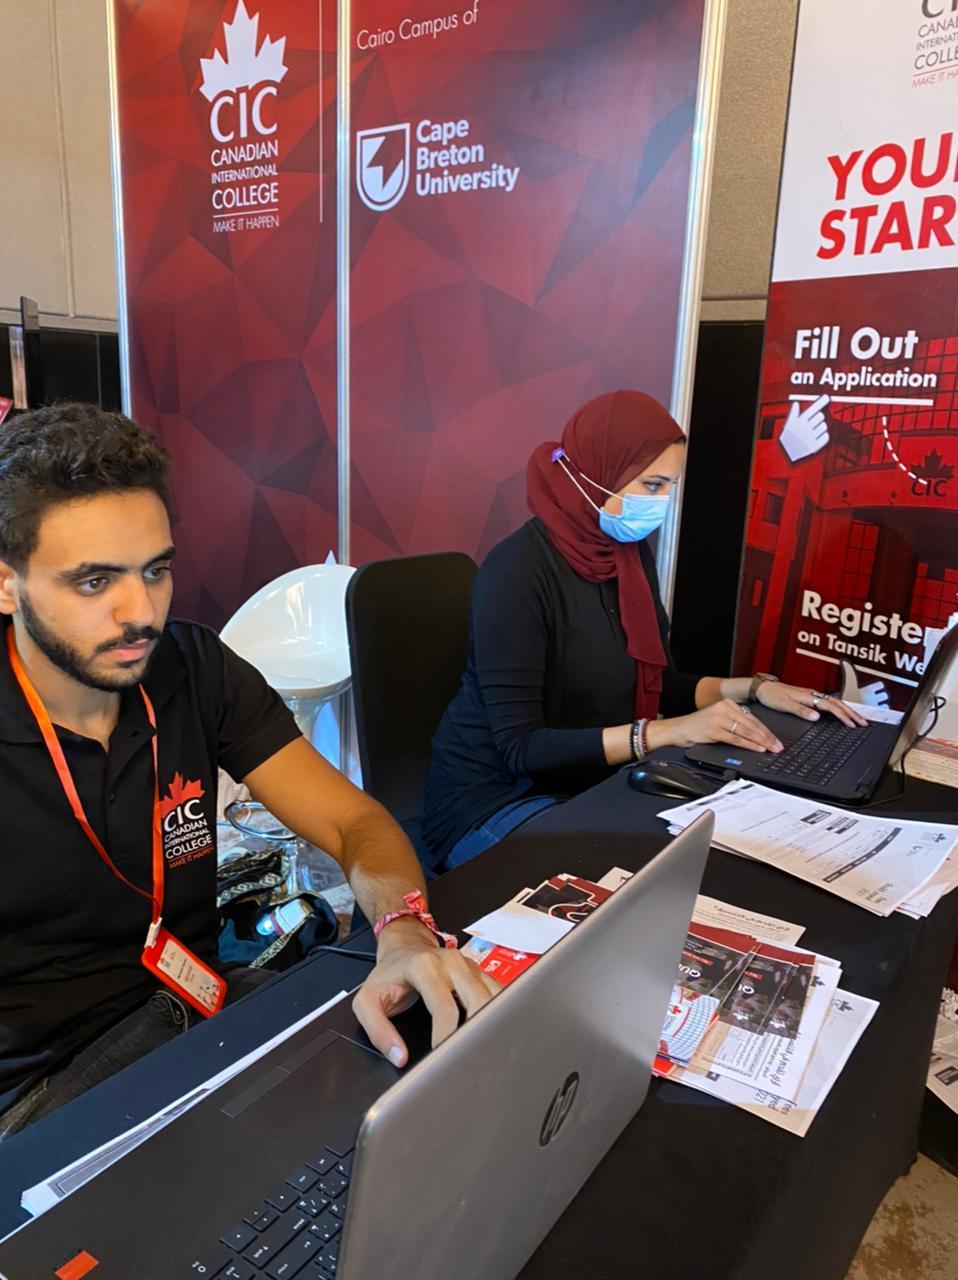 المعهد الكندي cic يستعرض برامجه وشهادته المشتركة خلال مشاركته في معرض اديوجيت